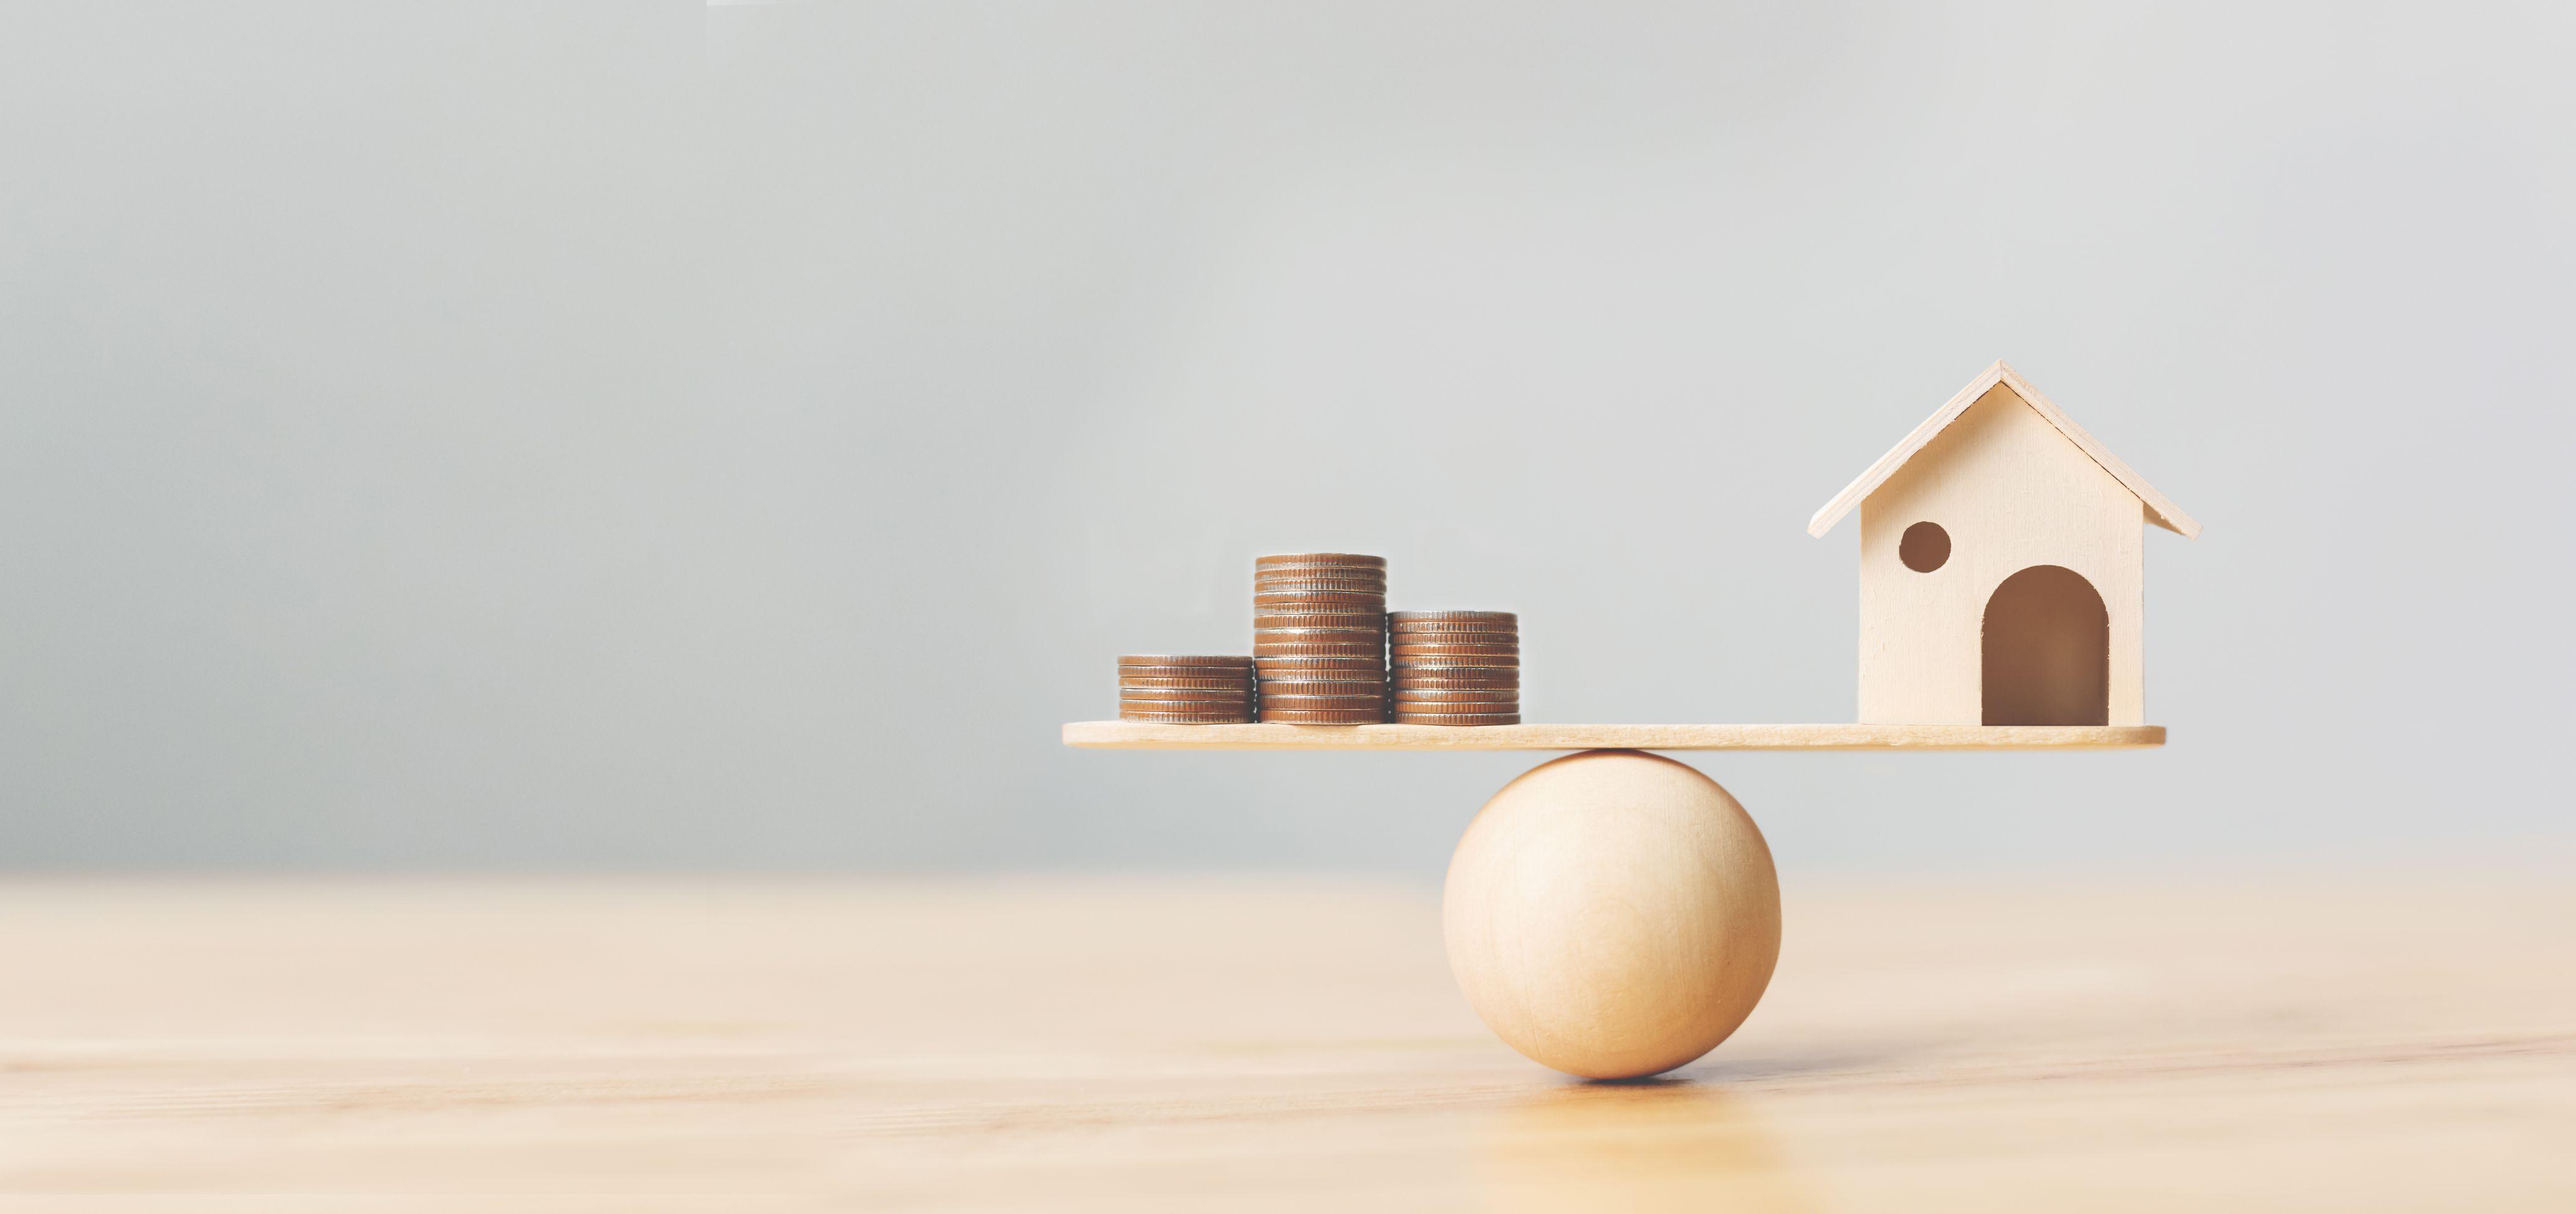 hypotheque-banque